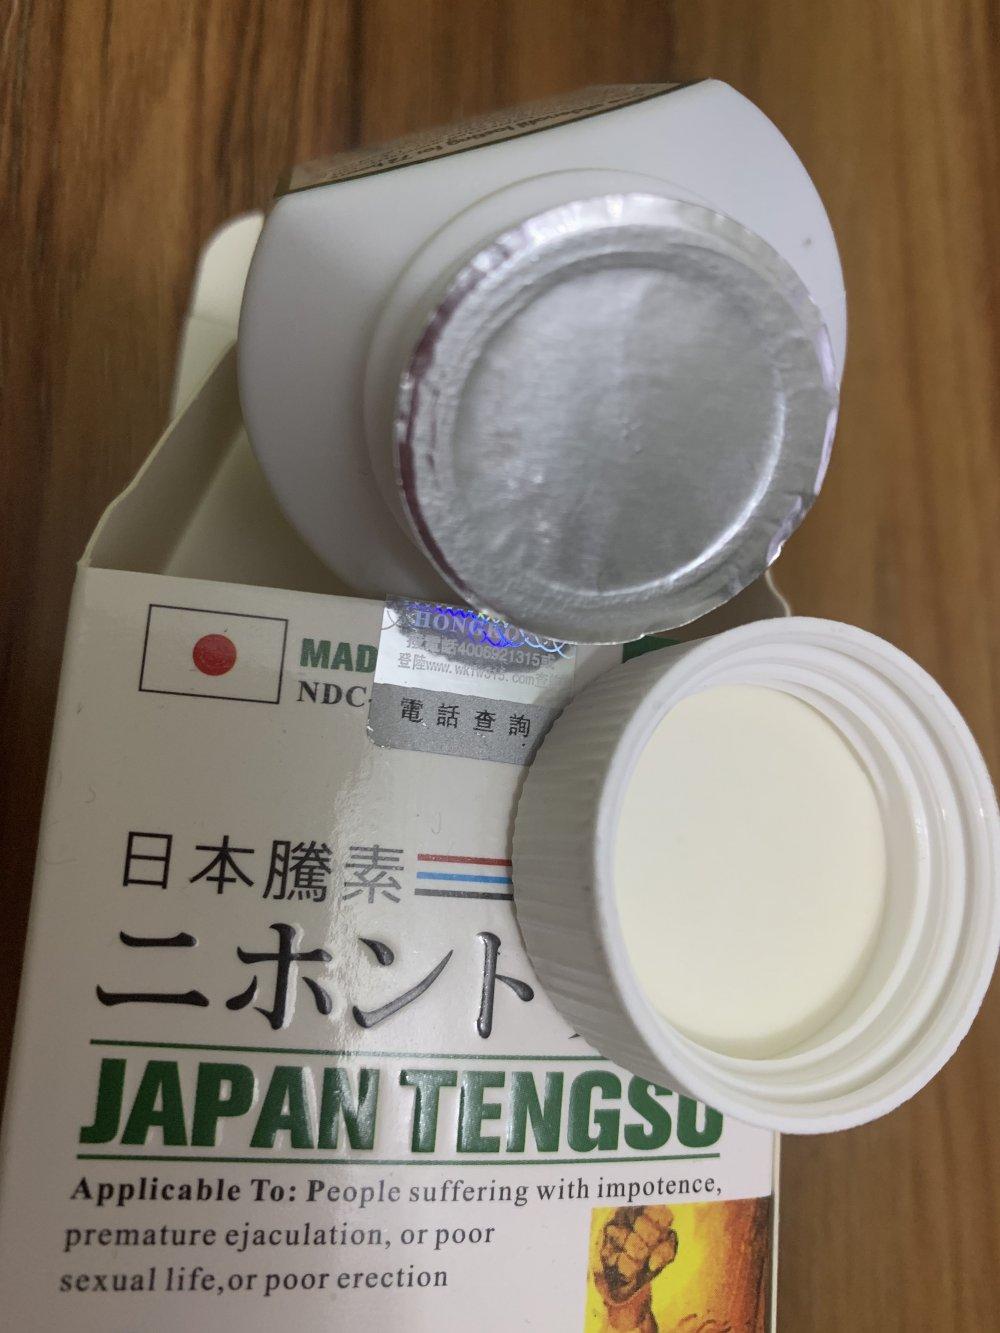 日本藤素沒用1